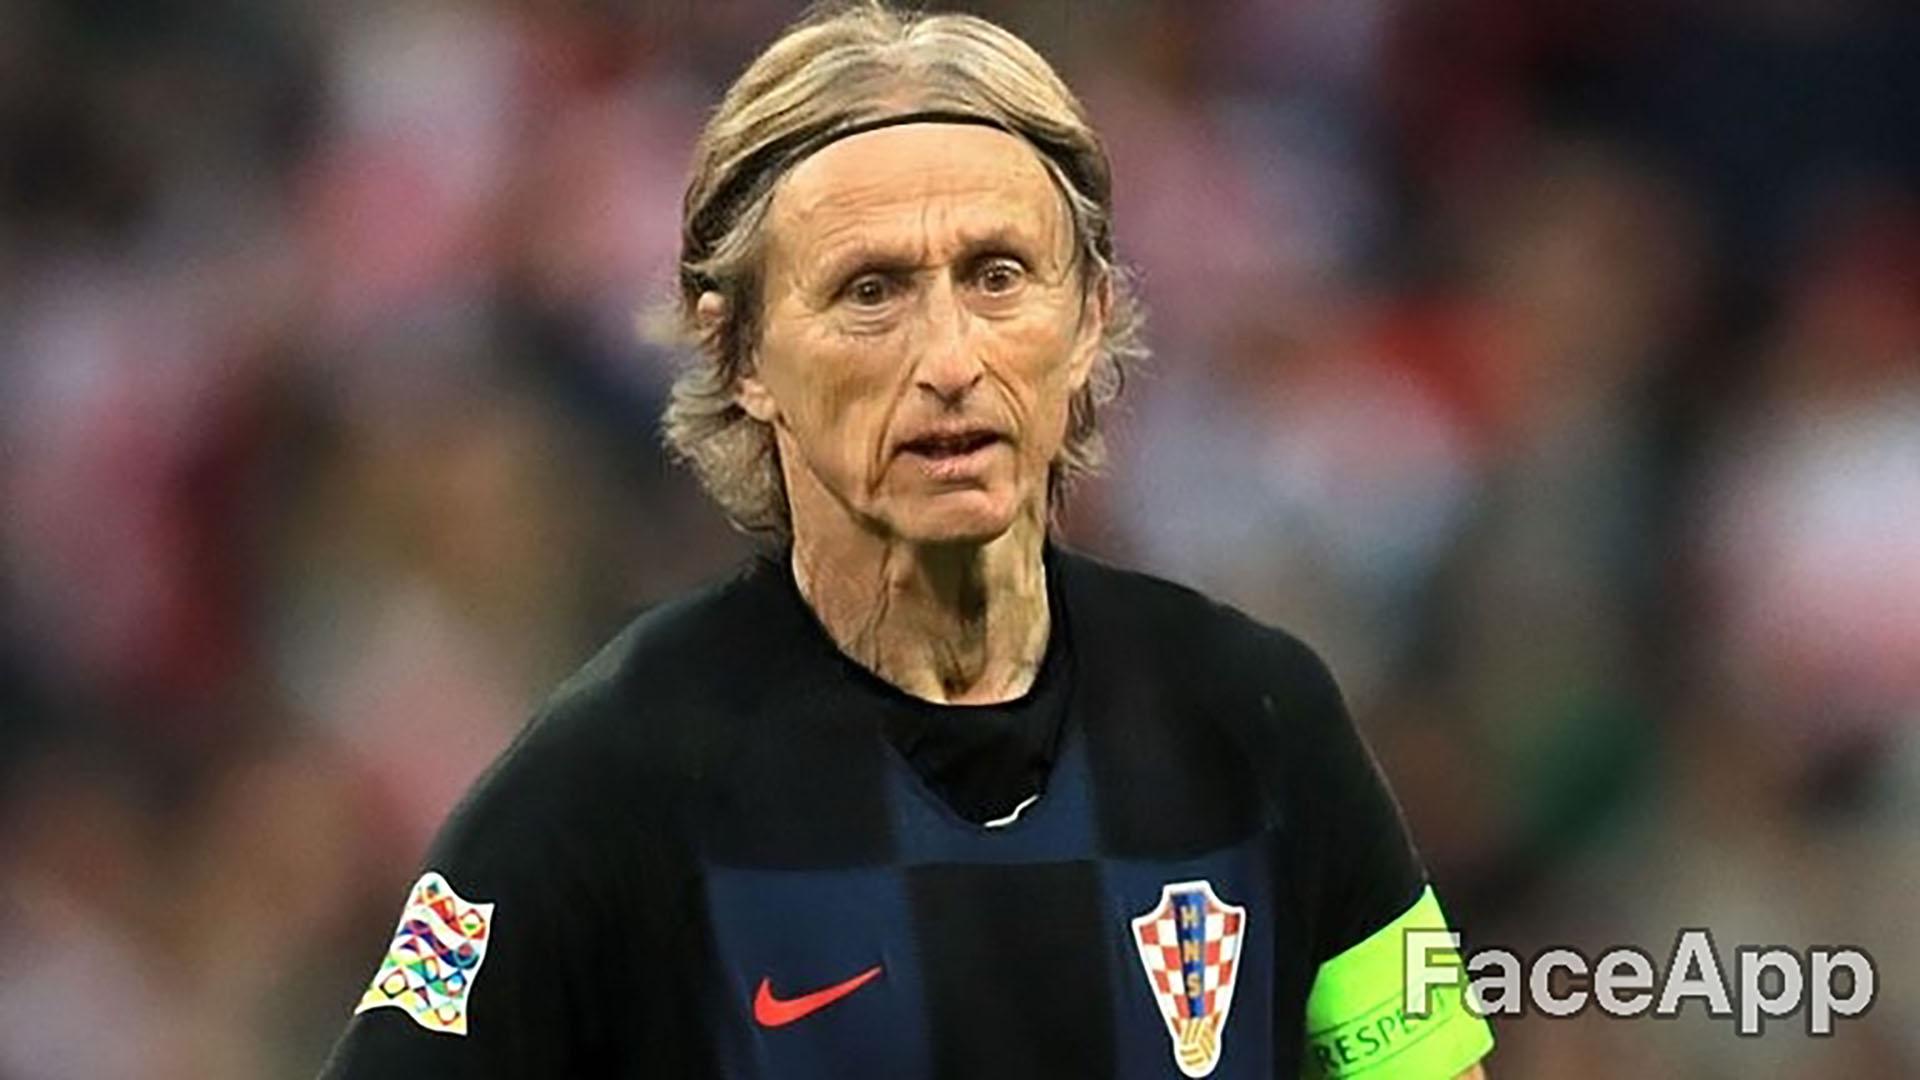 Luka Modric se niega a sacarse la cinta de capitán del seleccionado croata, a pesar de tener casi 80 años